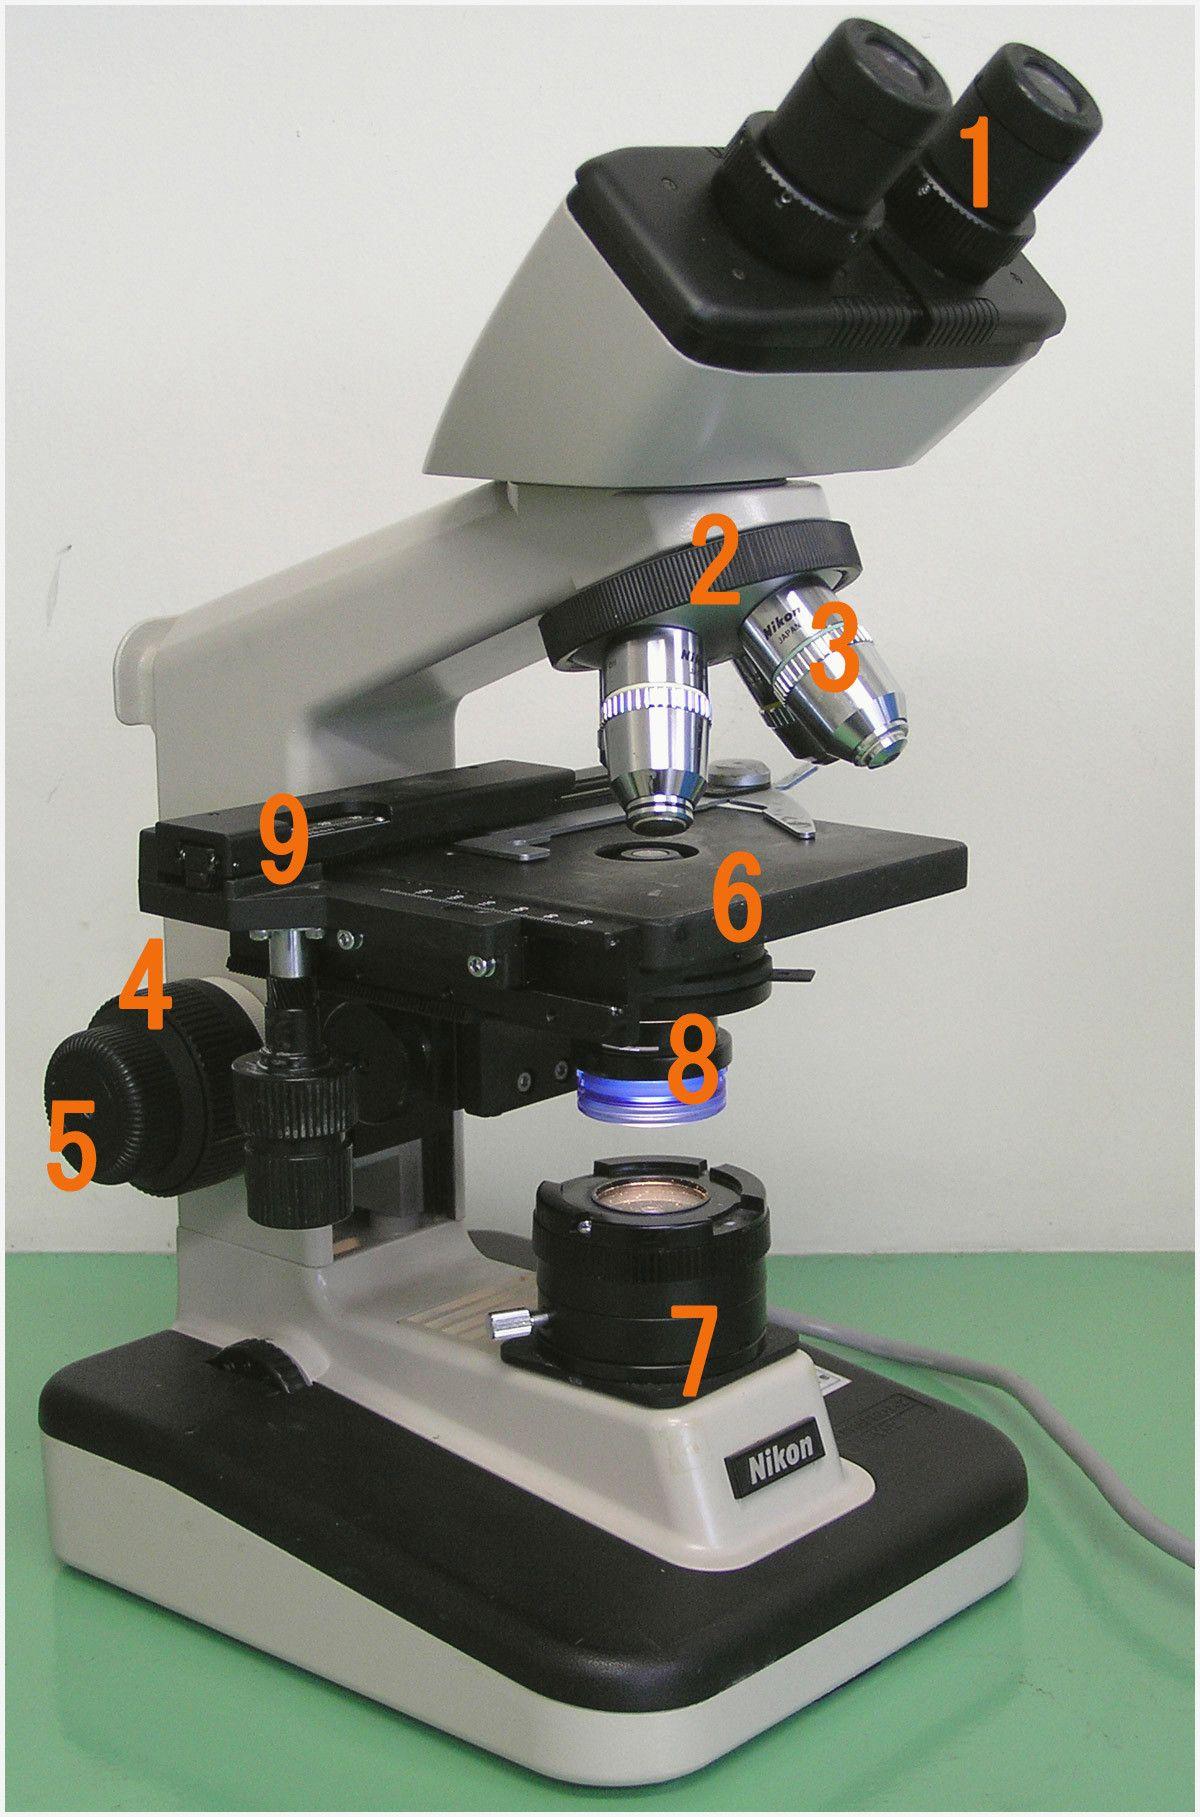 41 New Biology Laboratory Manual A Laboratory Skills